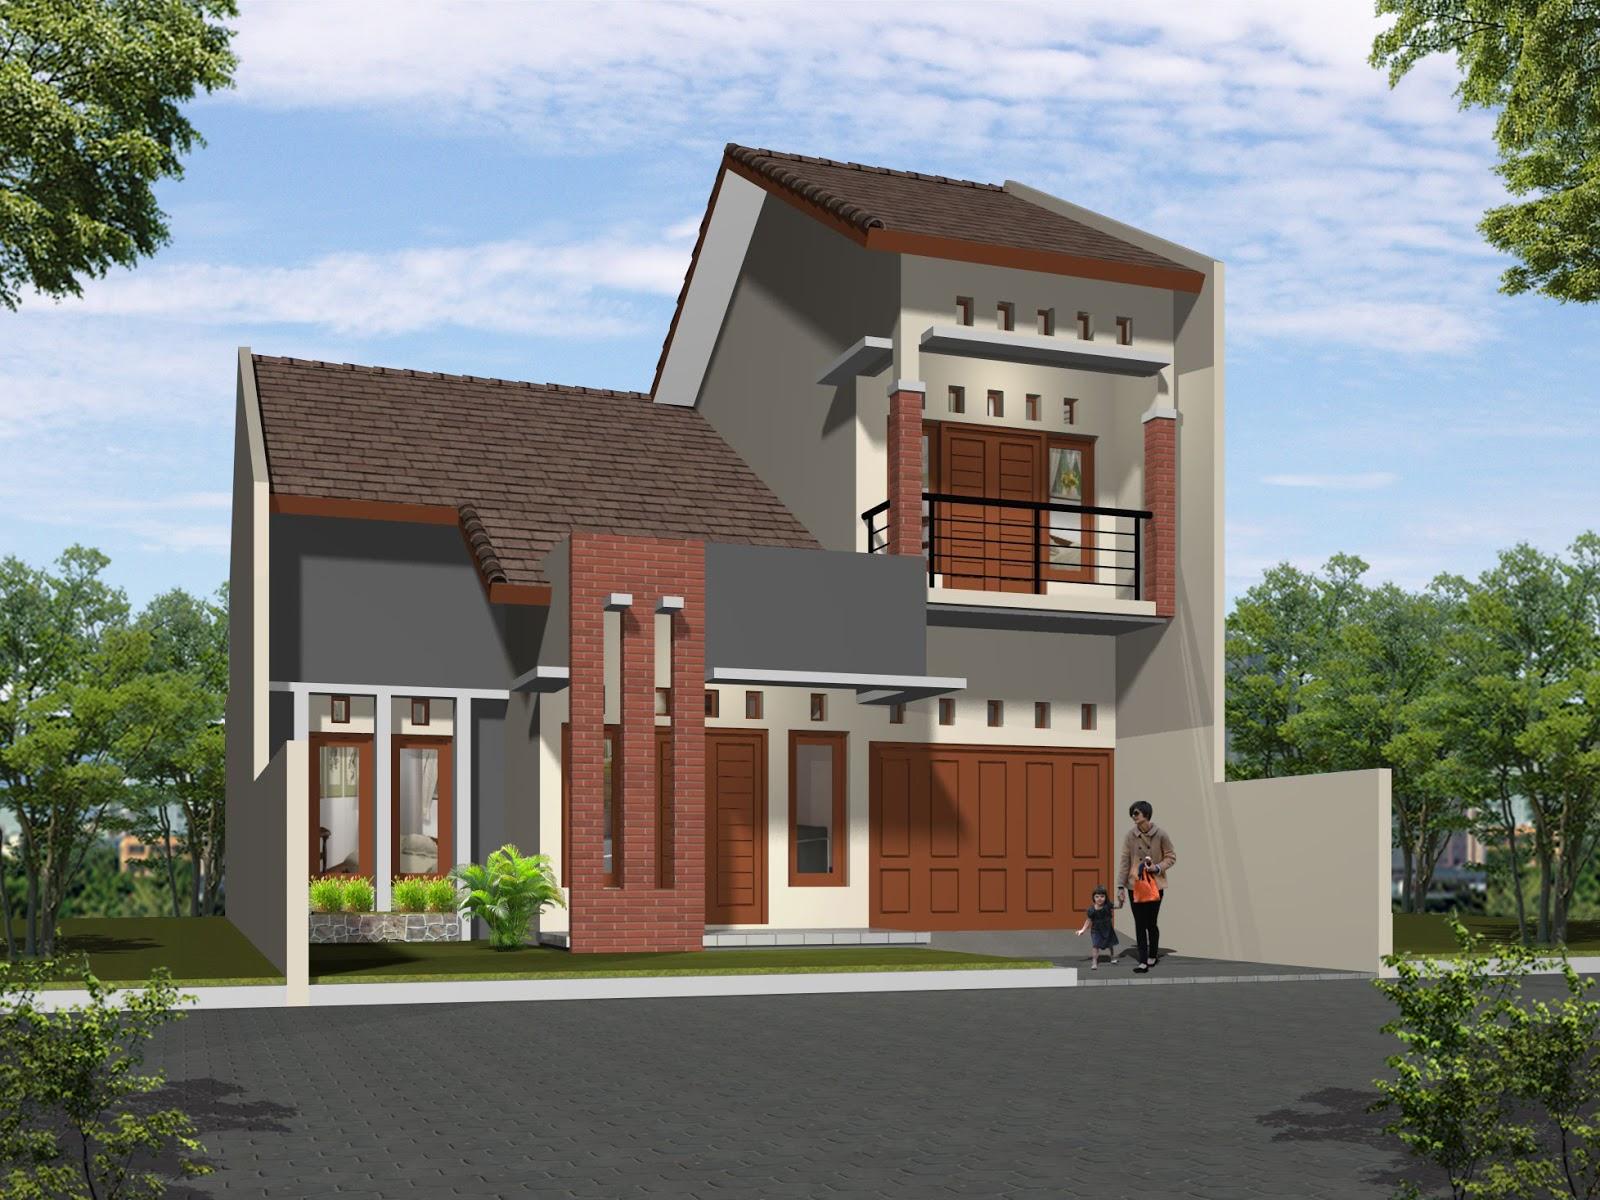 Rumah Type minimalis Dengan Bata expose